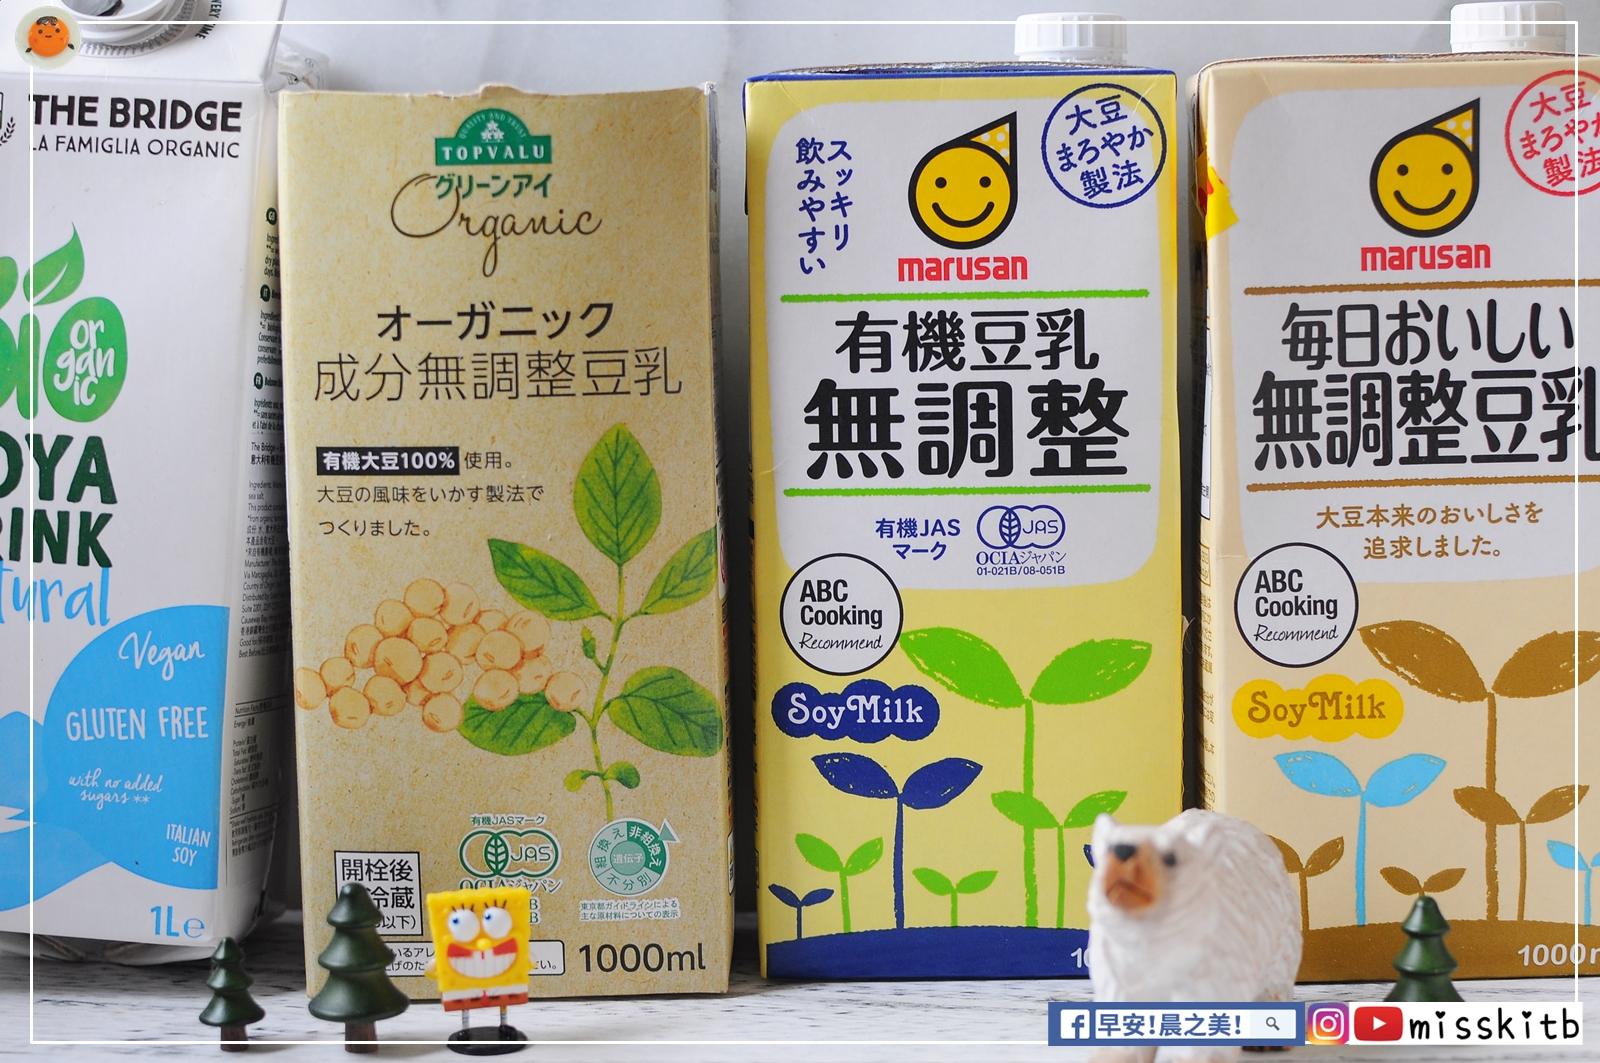 《早安!晨之美!》 -by misskitb: [kitb萌早餐] 用豆乳取代牛奶?